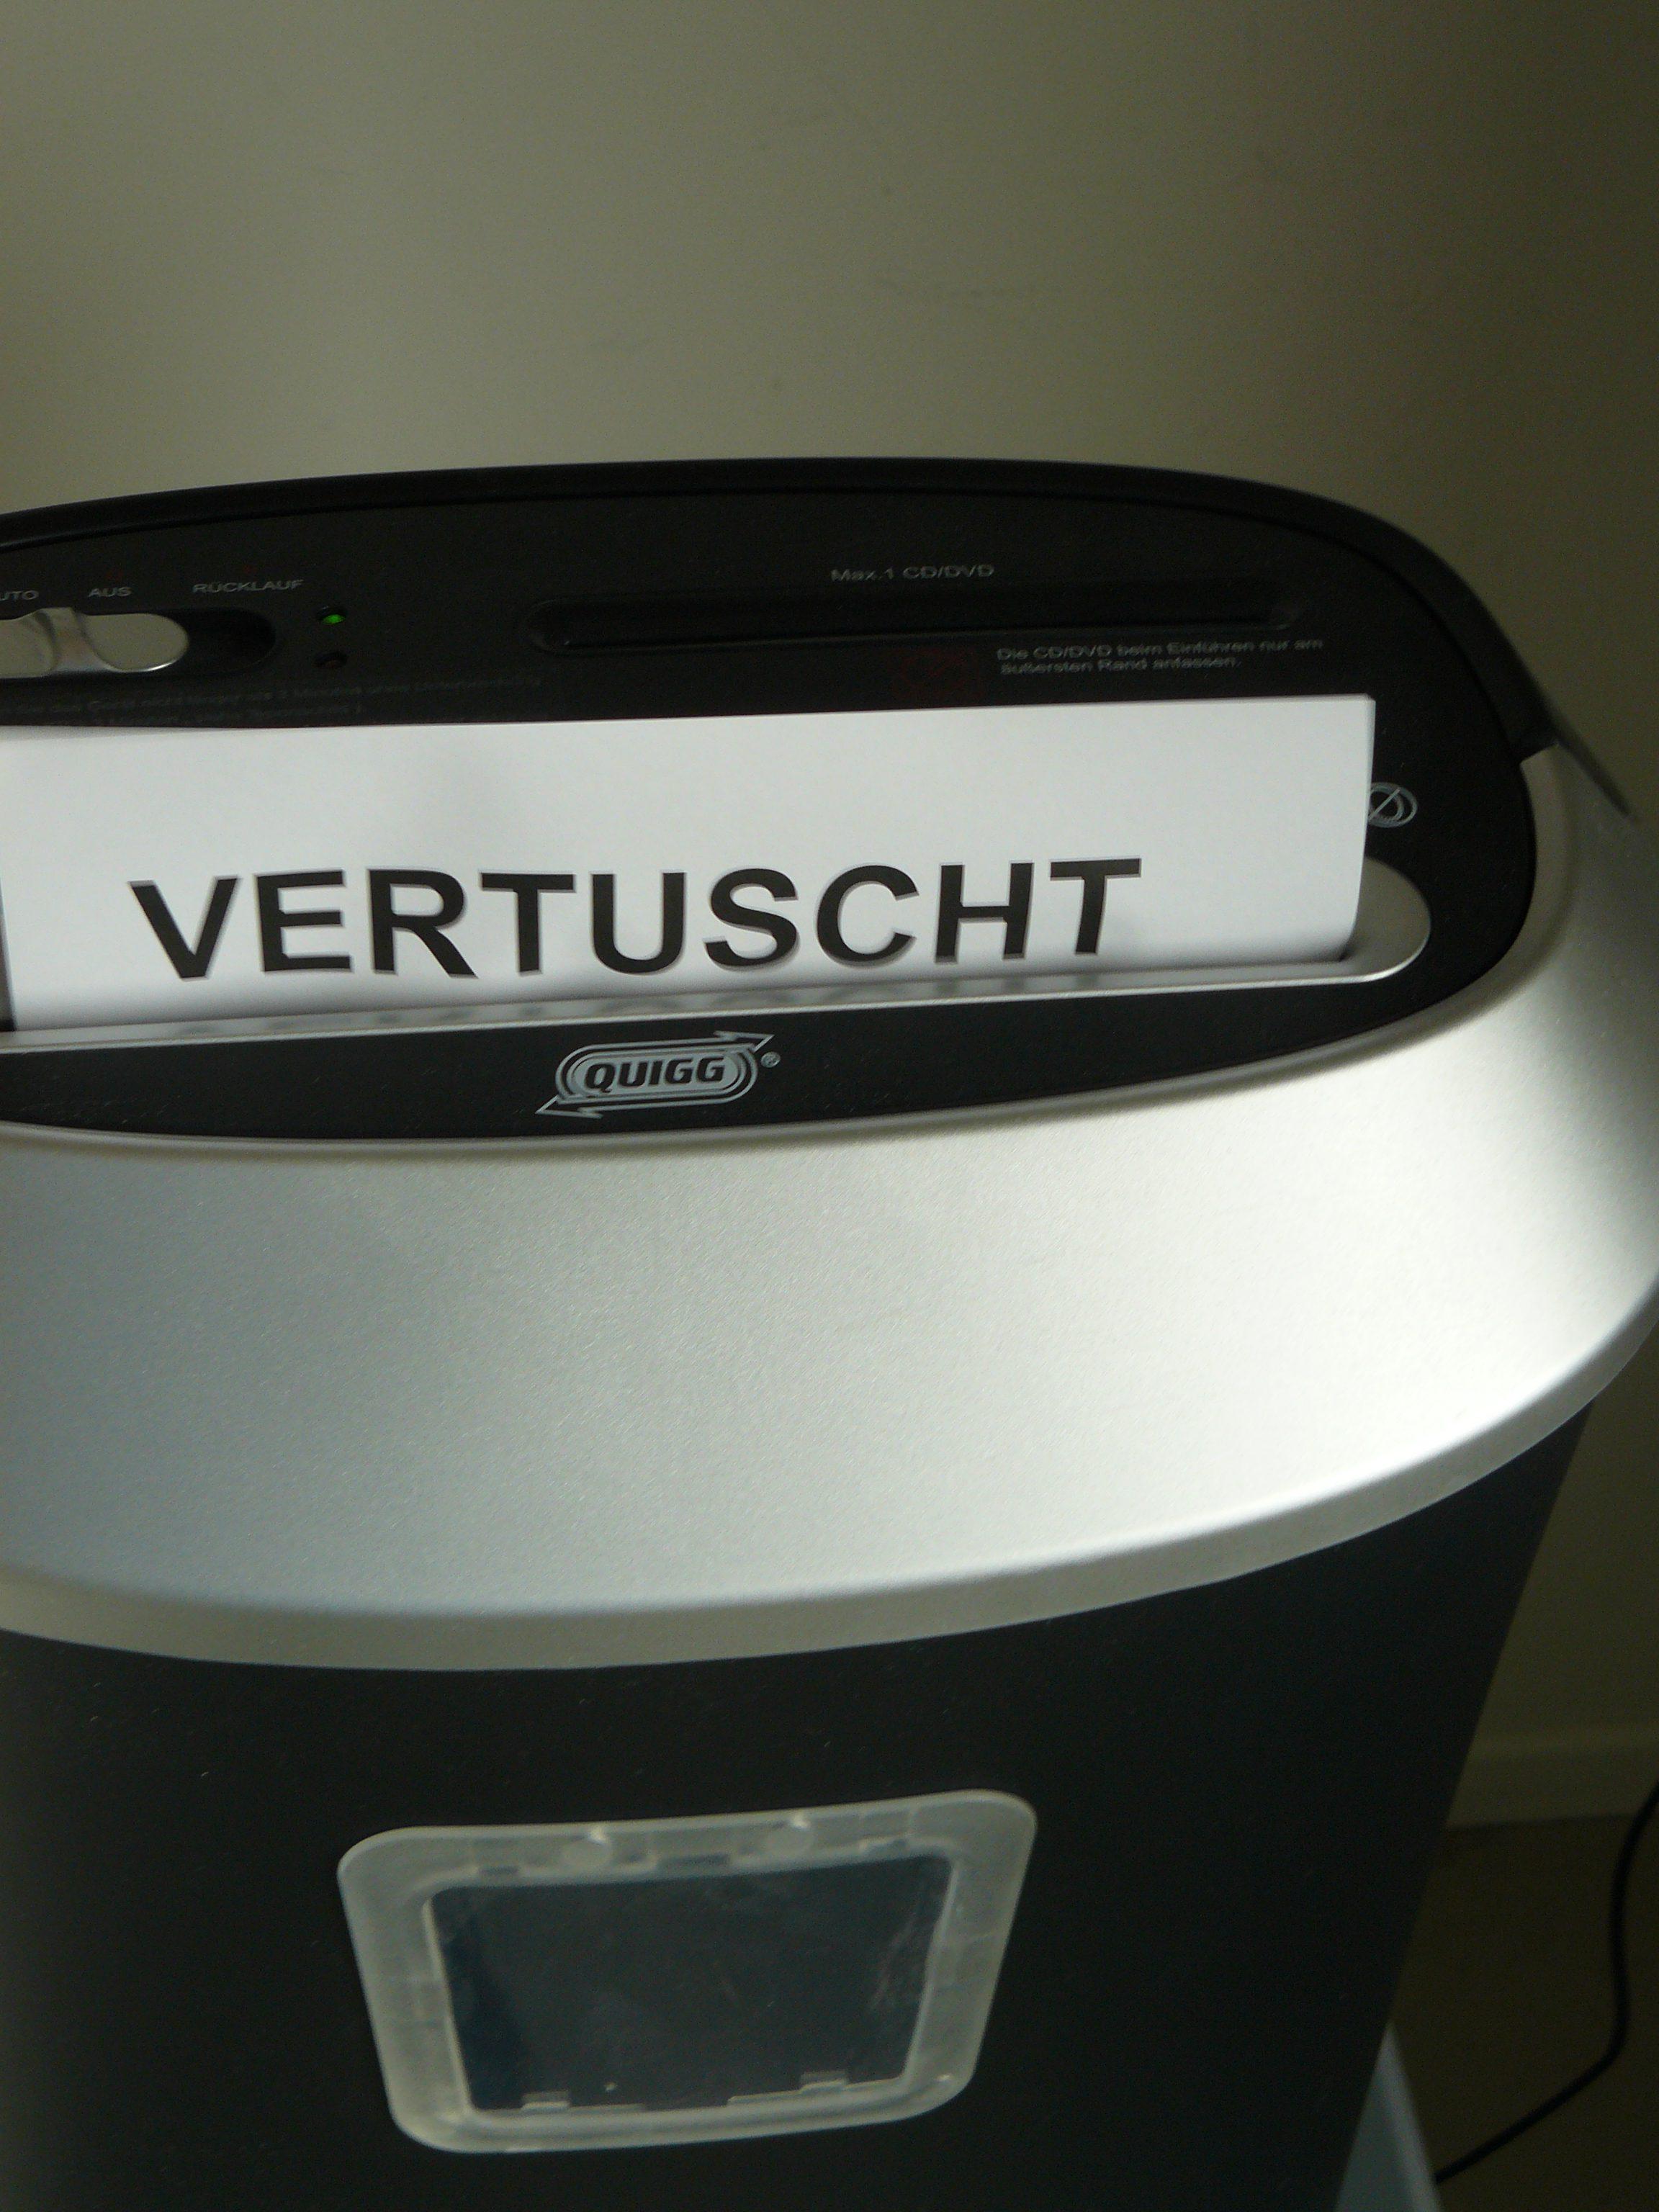 VERTUSCHT - DER WETTBEWERB